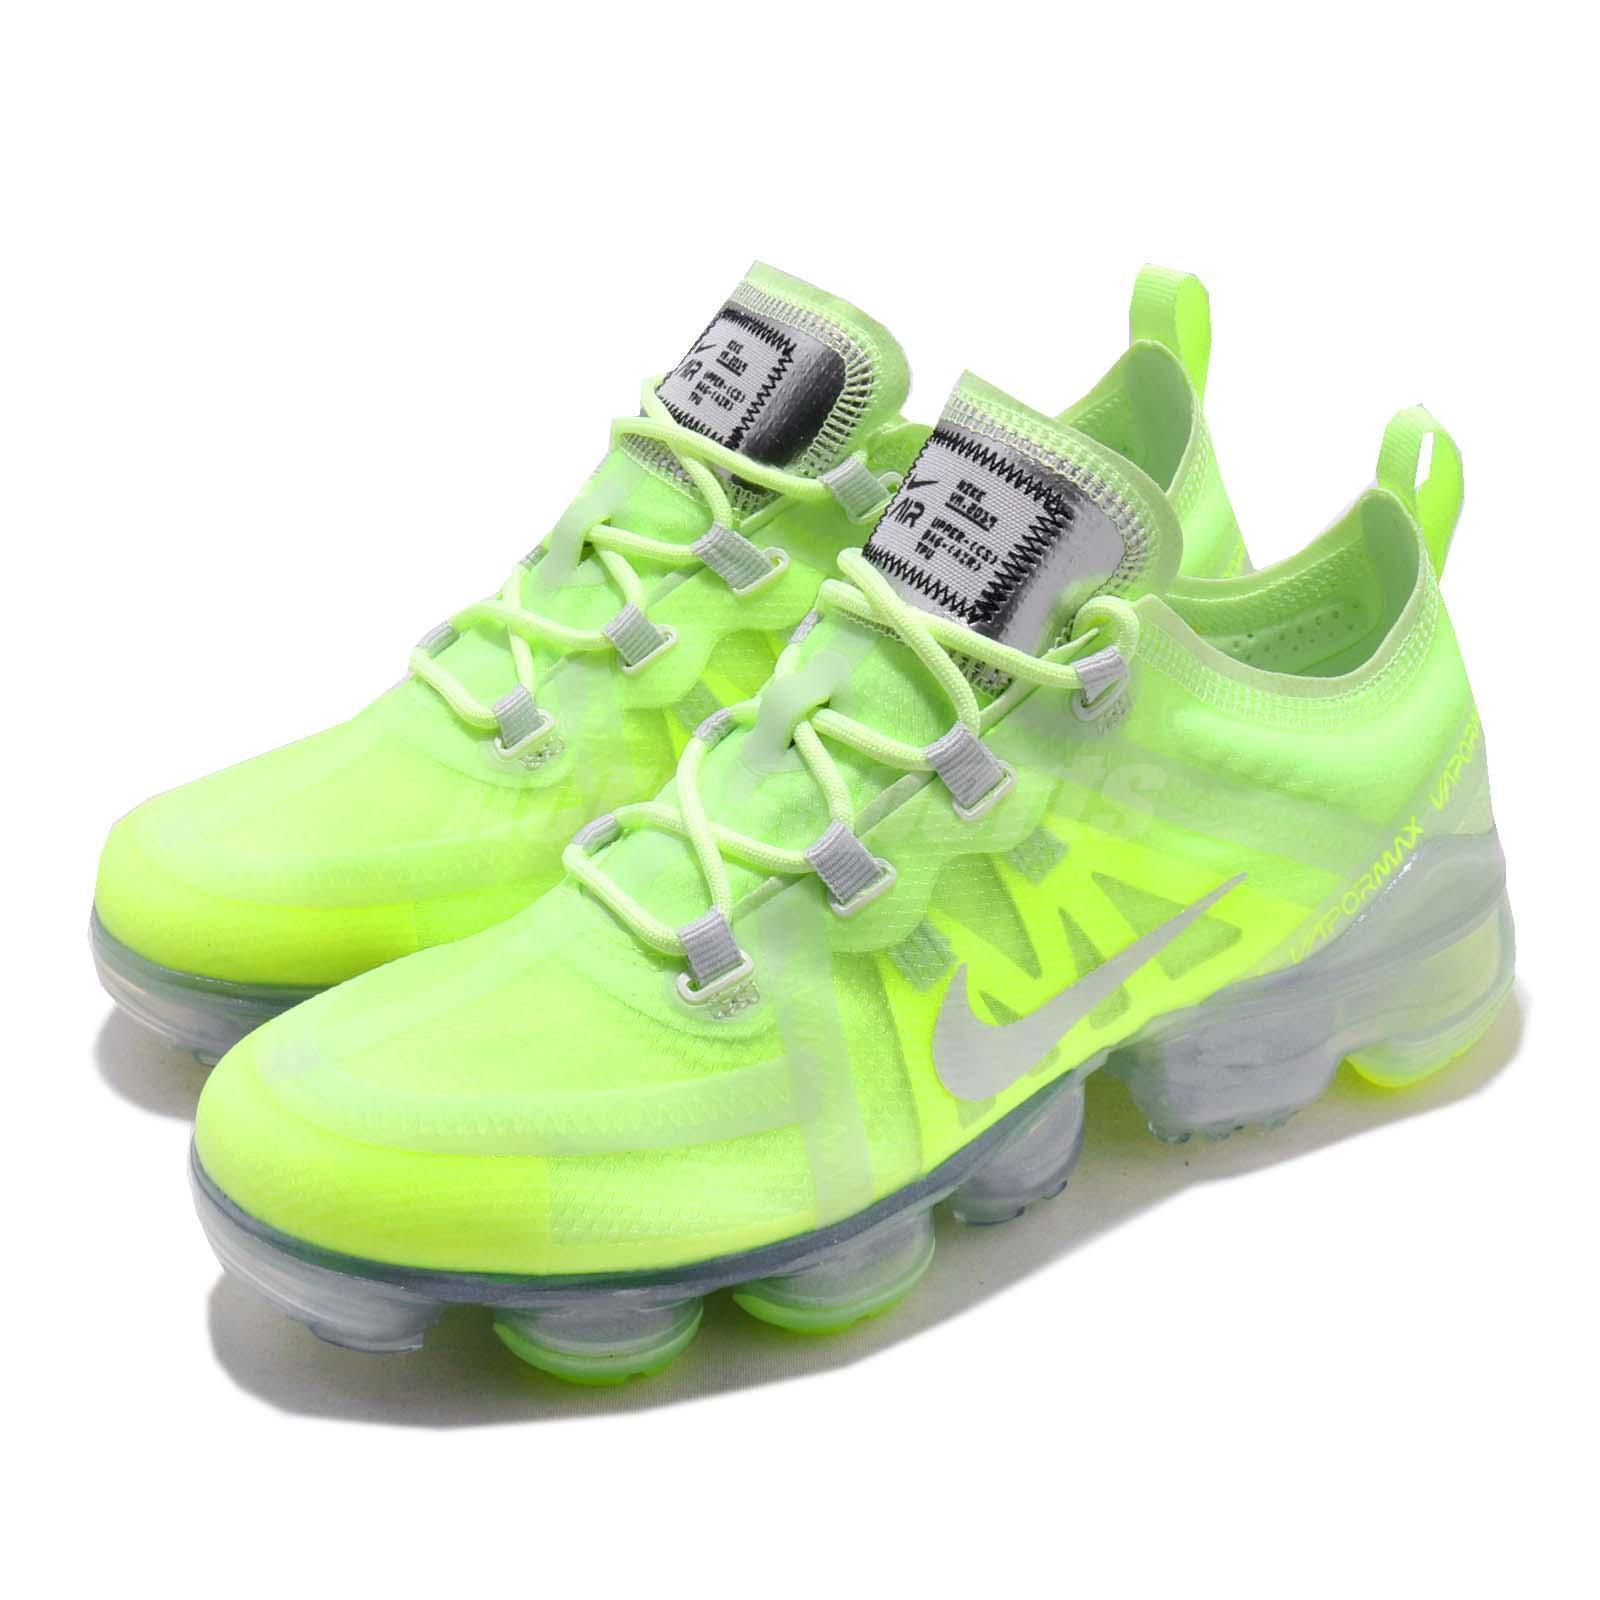 Nike Wmns Air Vapormax 2019 Volt Glow Spruce Aura Women Running shoes AR6632-700